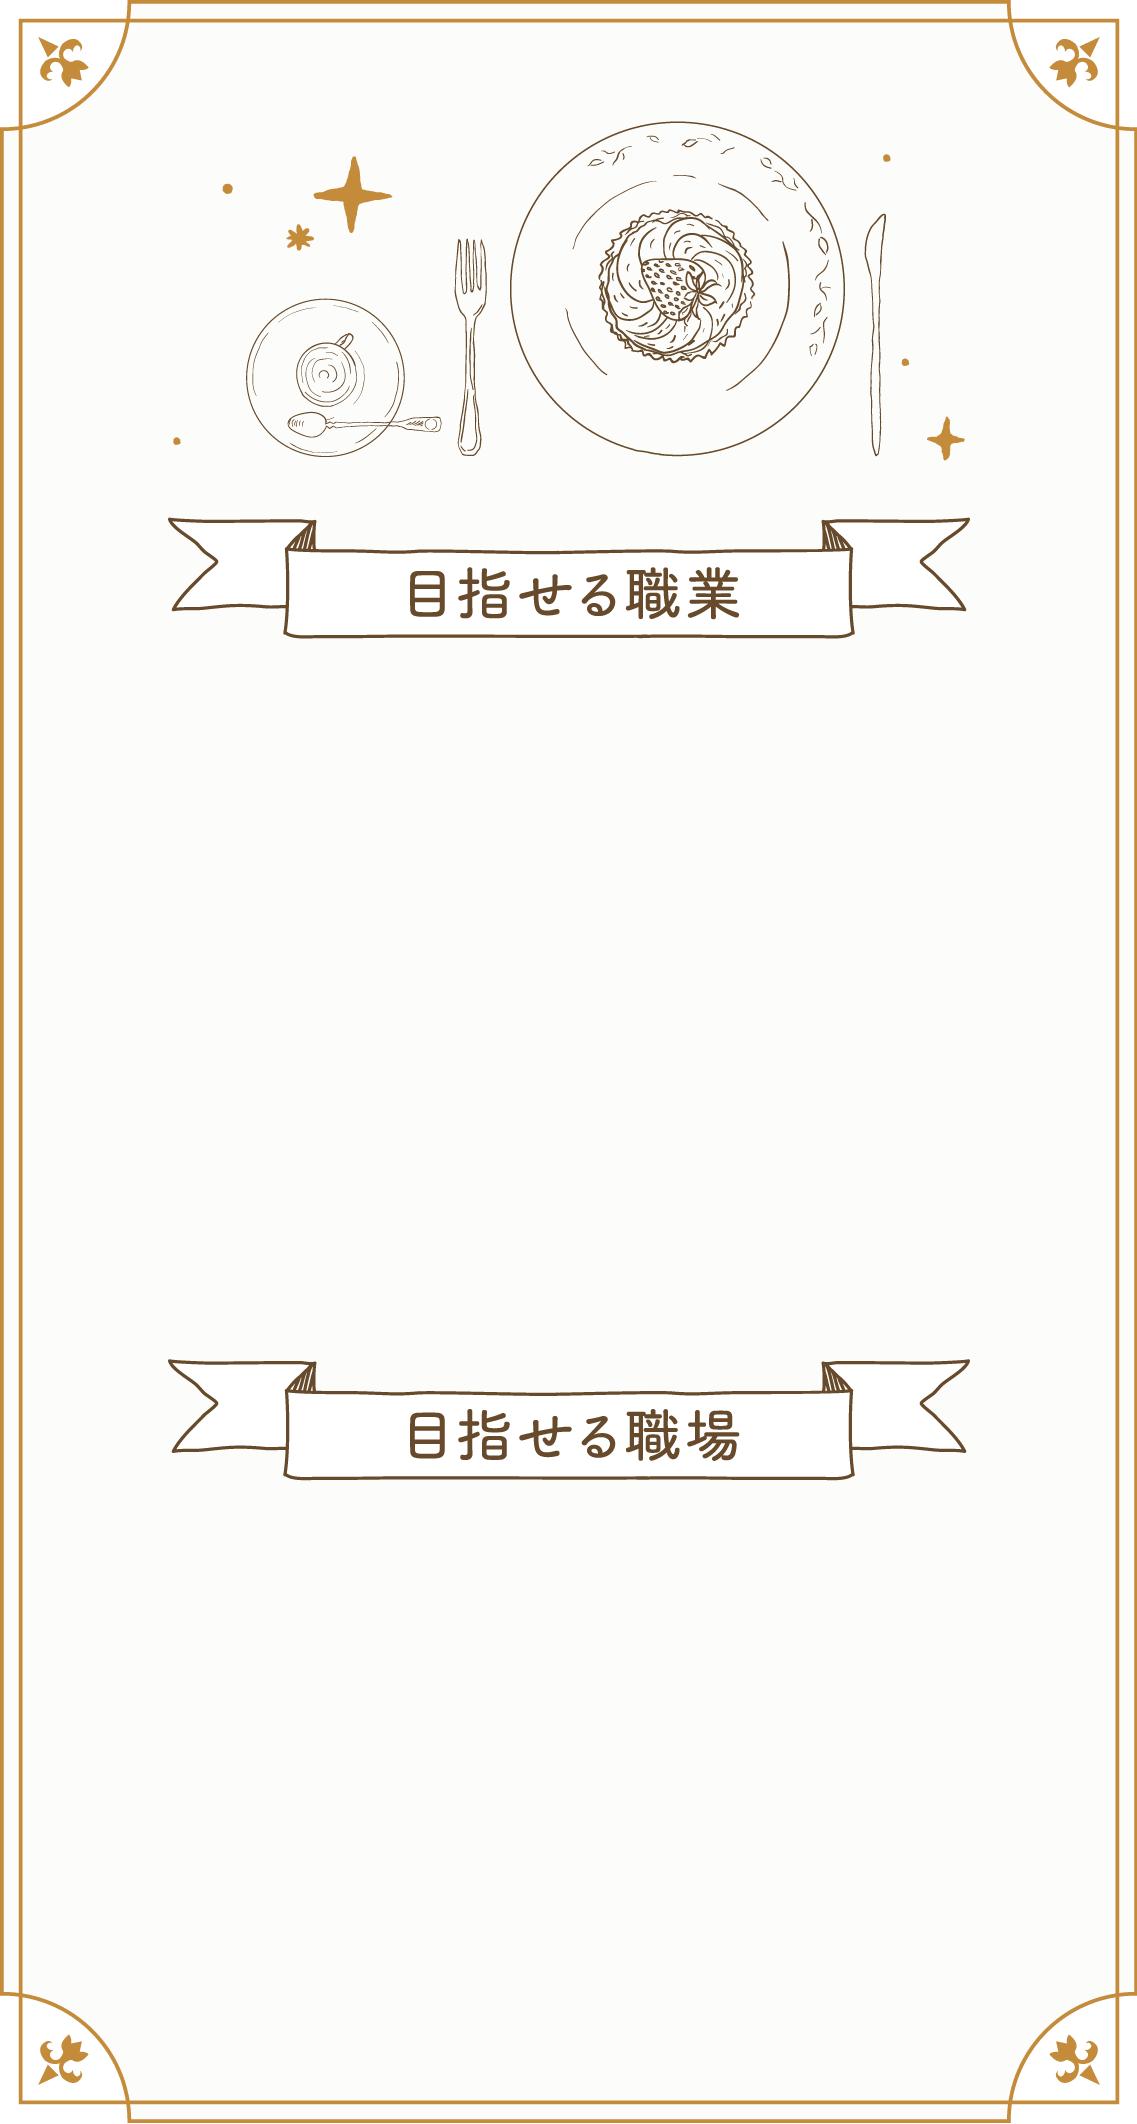 福岡ウェディング「なるにはブライダル」